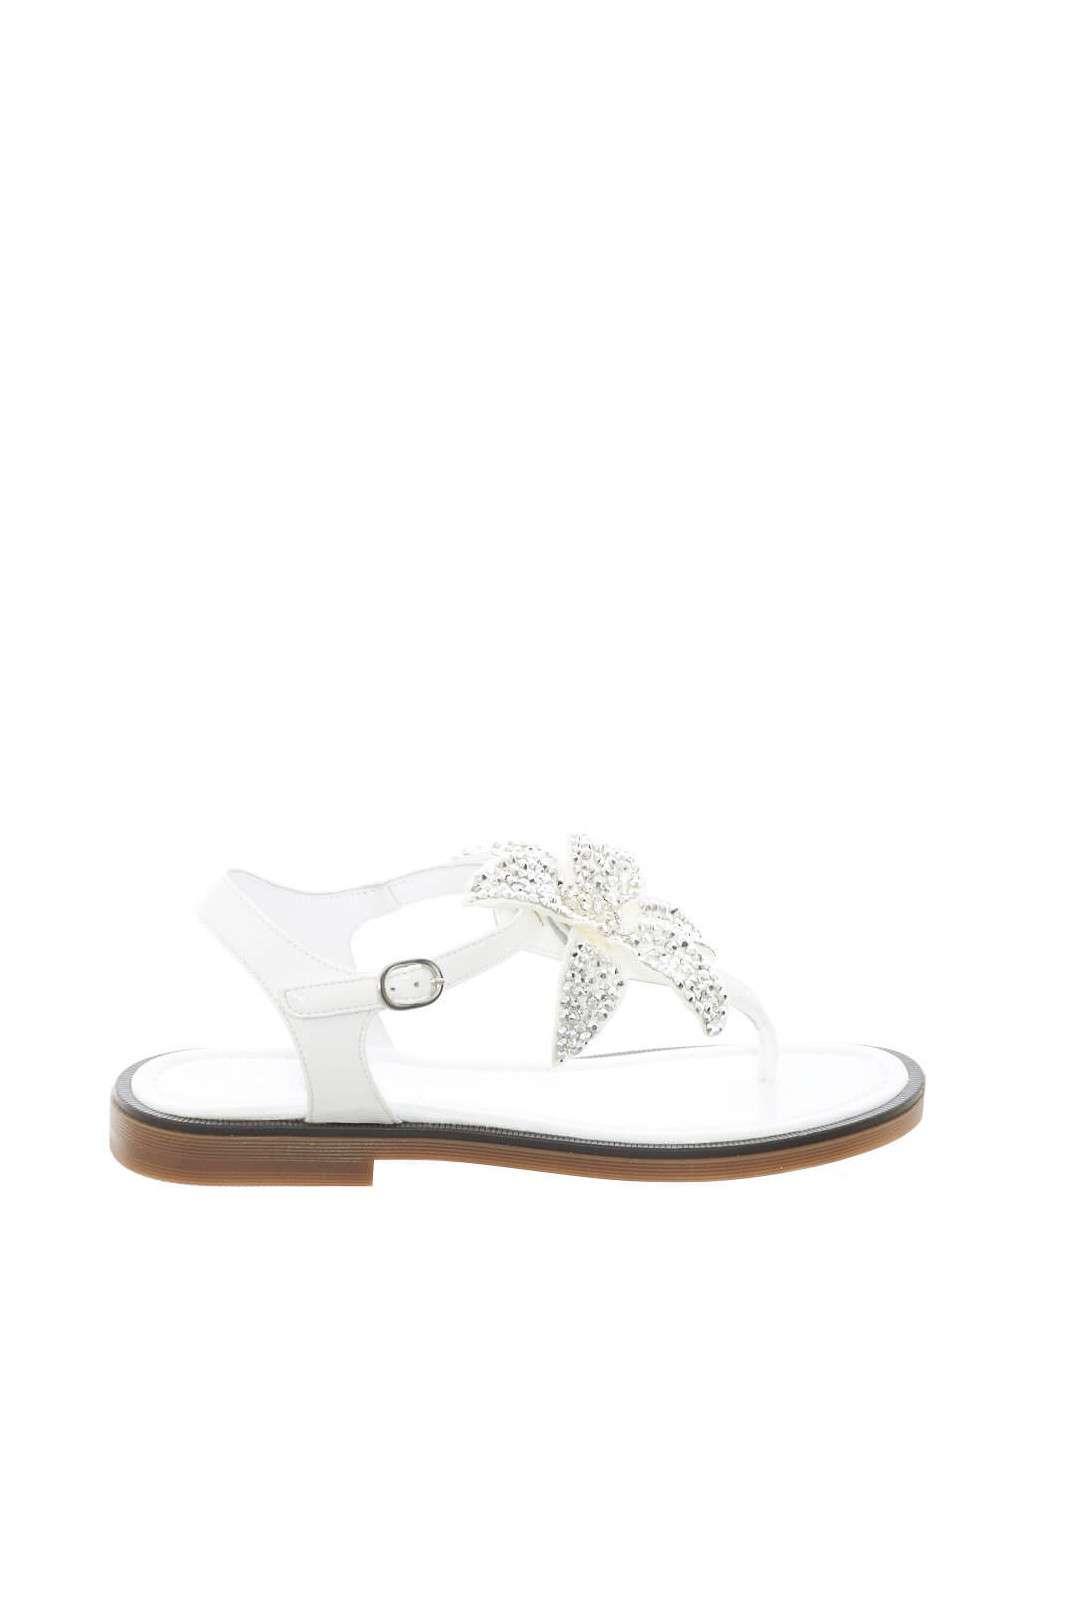 Un sandalo dallo stile delicato ed estivo, quello firmato Miss Grant. Ideale da abbinare a gonne o pantaloni, per completare con un tocco chic i look per l'estate dei più piccoli. Per aspetti curati e semplici anche per i più piccoli.